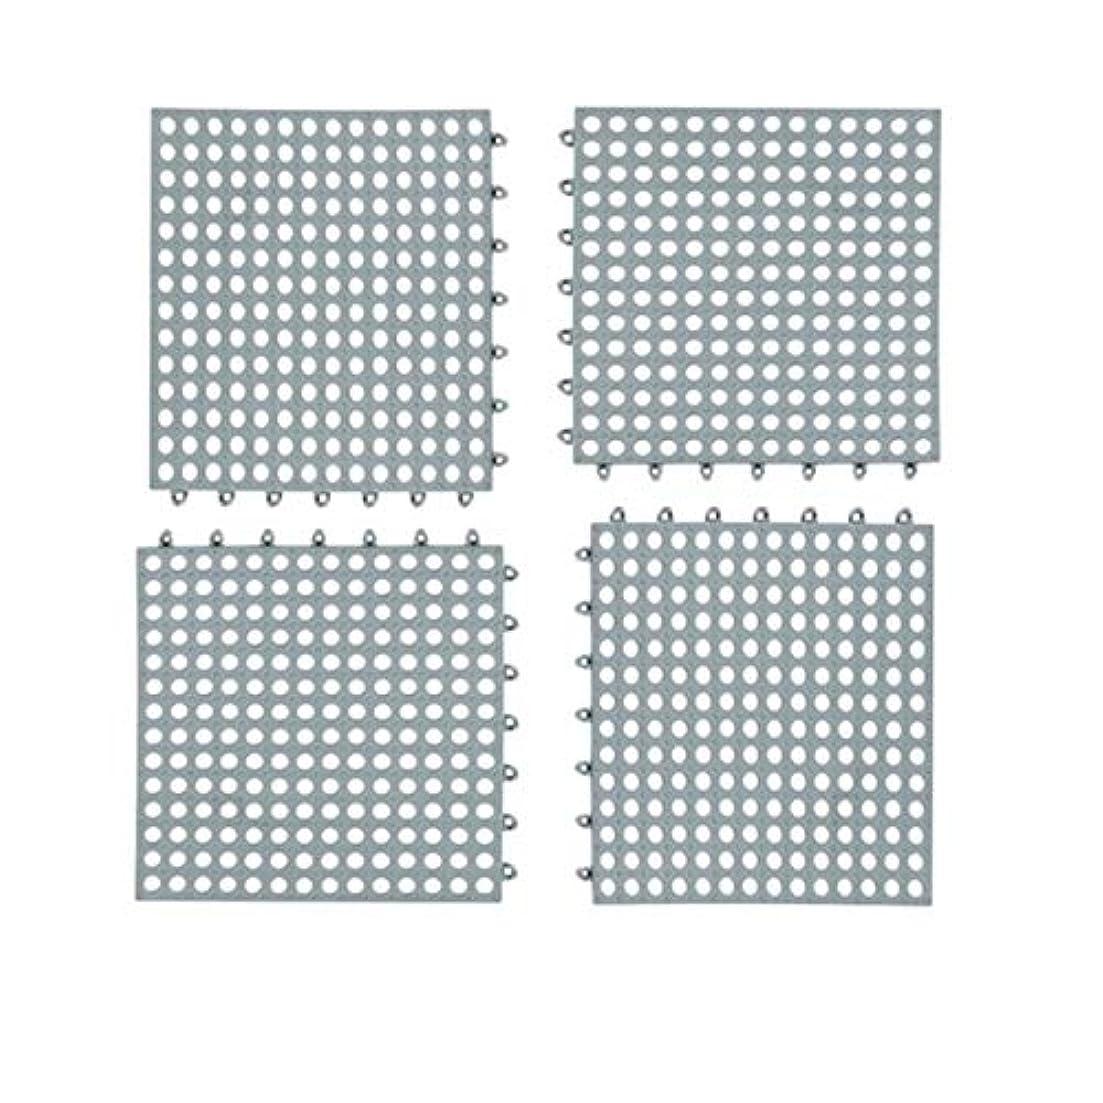 子孫ゆるいアラブHDJ 林4 PCSノンスリップシャワーマット浴室台所のための広場PVCバスマットやトイレ、サイズ:30CM X 30CM(ホワイト) (Color : Grey)